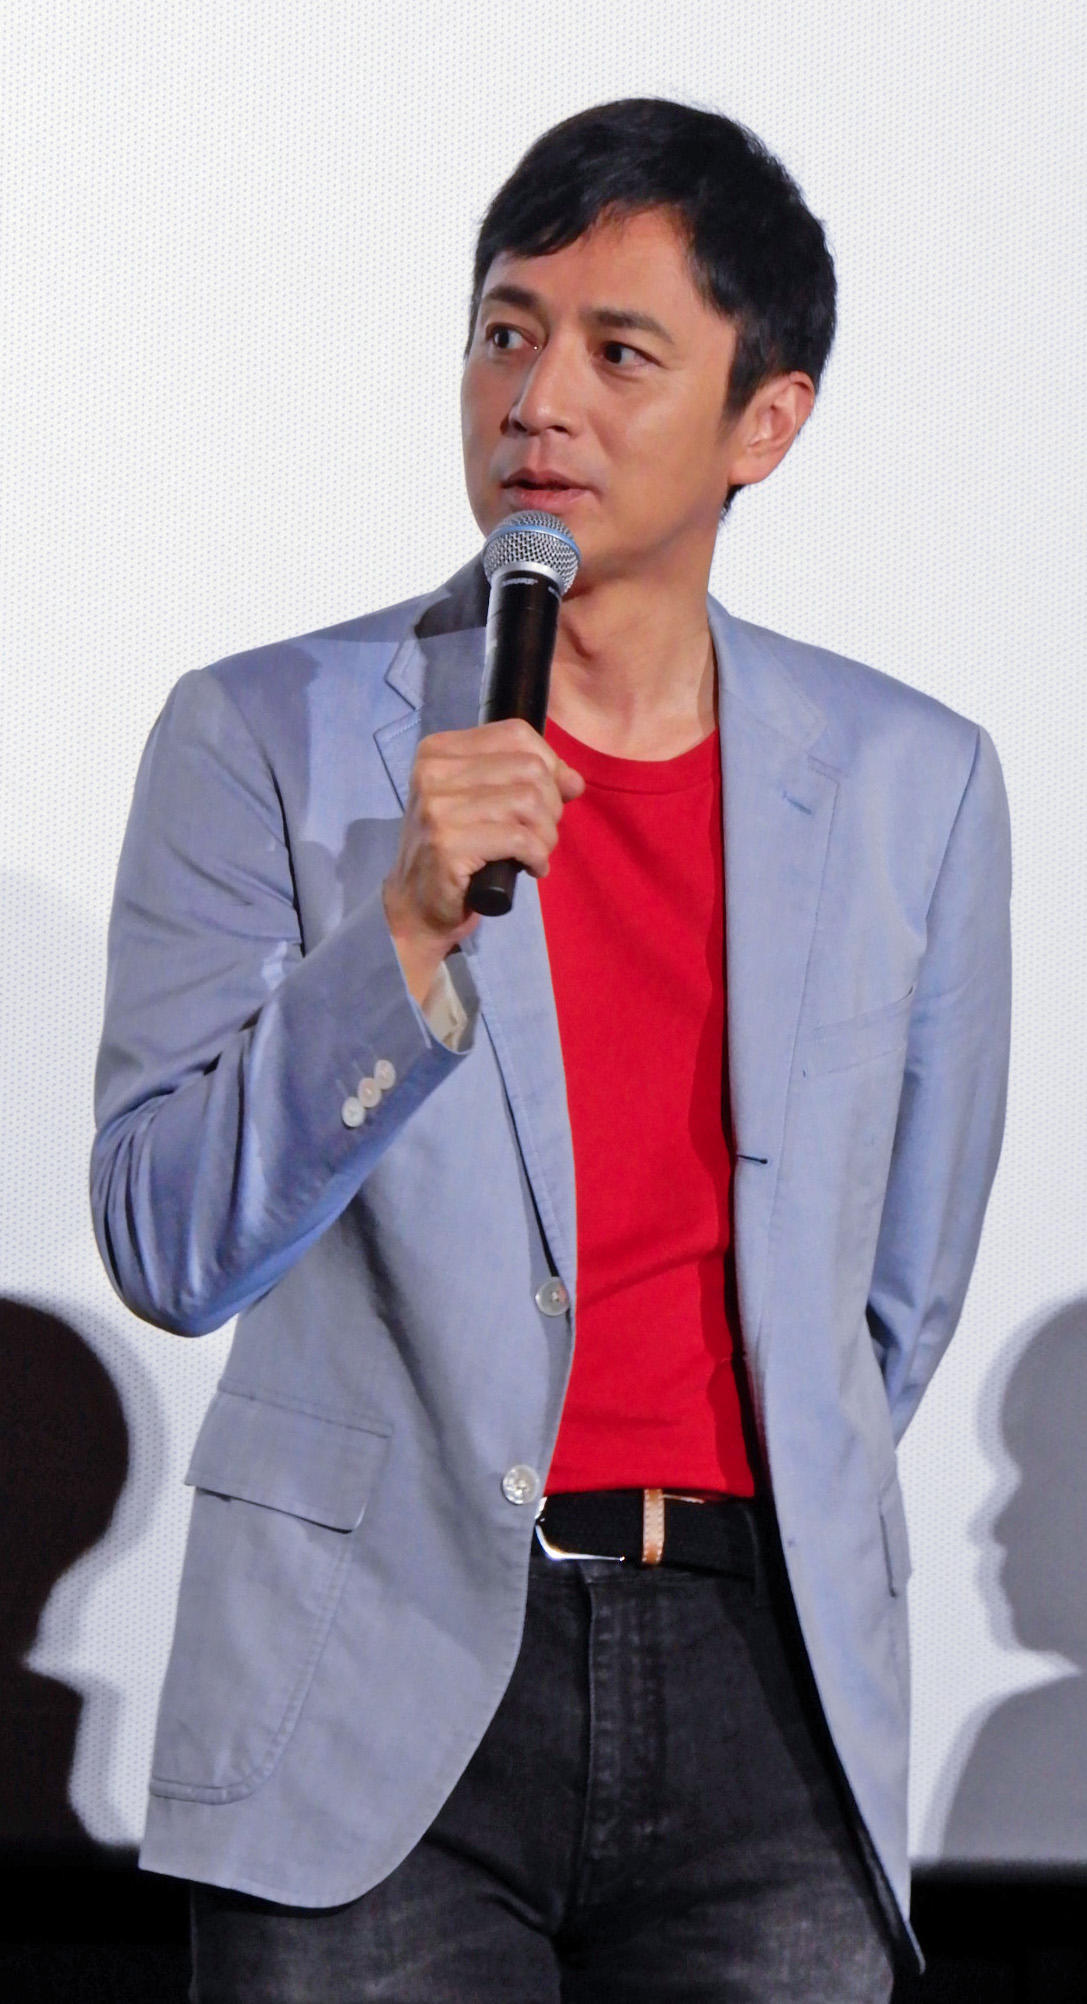 http://news.yoshimoto.co.jp/20190130053032-c2a0aa1187ef1ee3aa1c60d7d7bbbba2481860cf.jpg